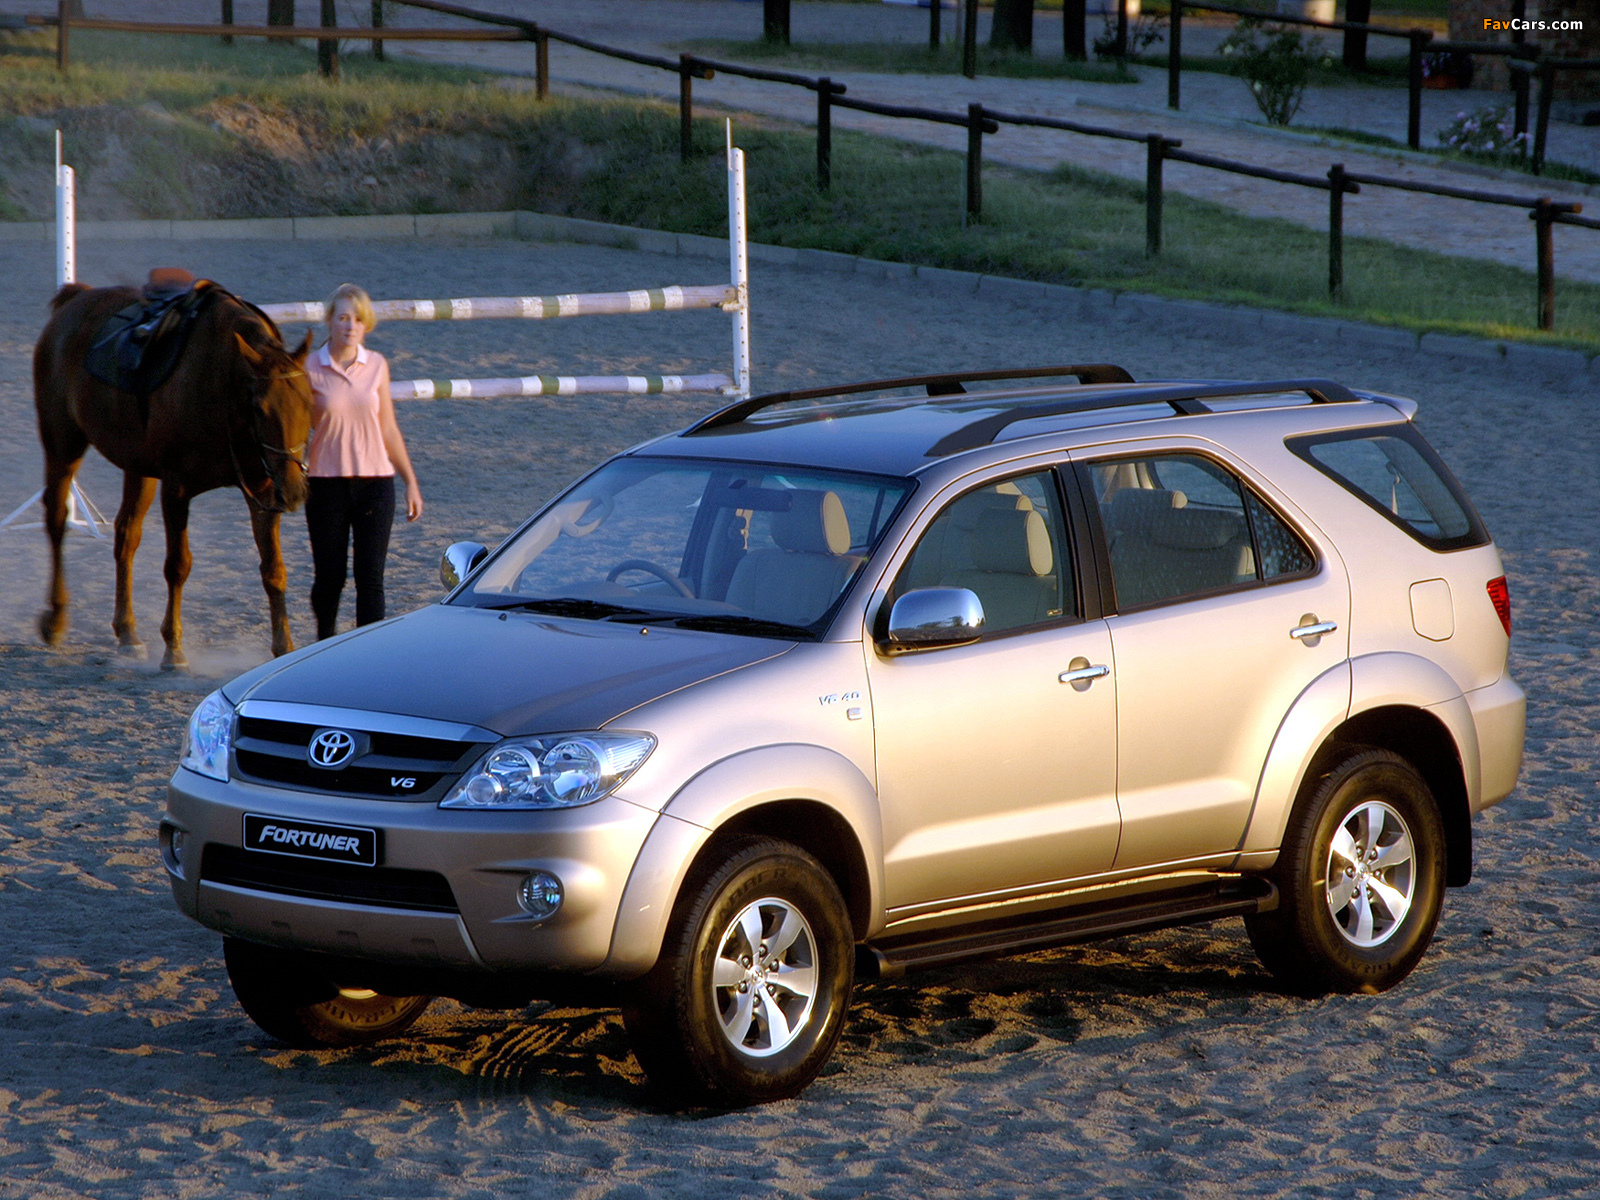 Kelebihan Kekurangan Toyota Fortuner 2005 Tangguh